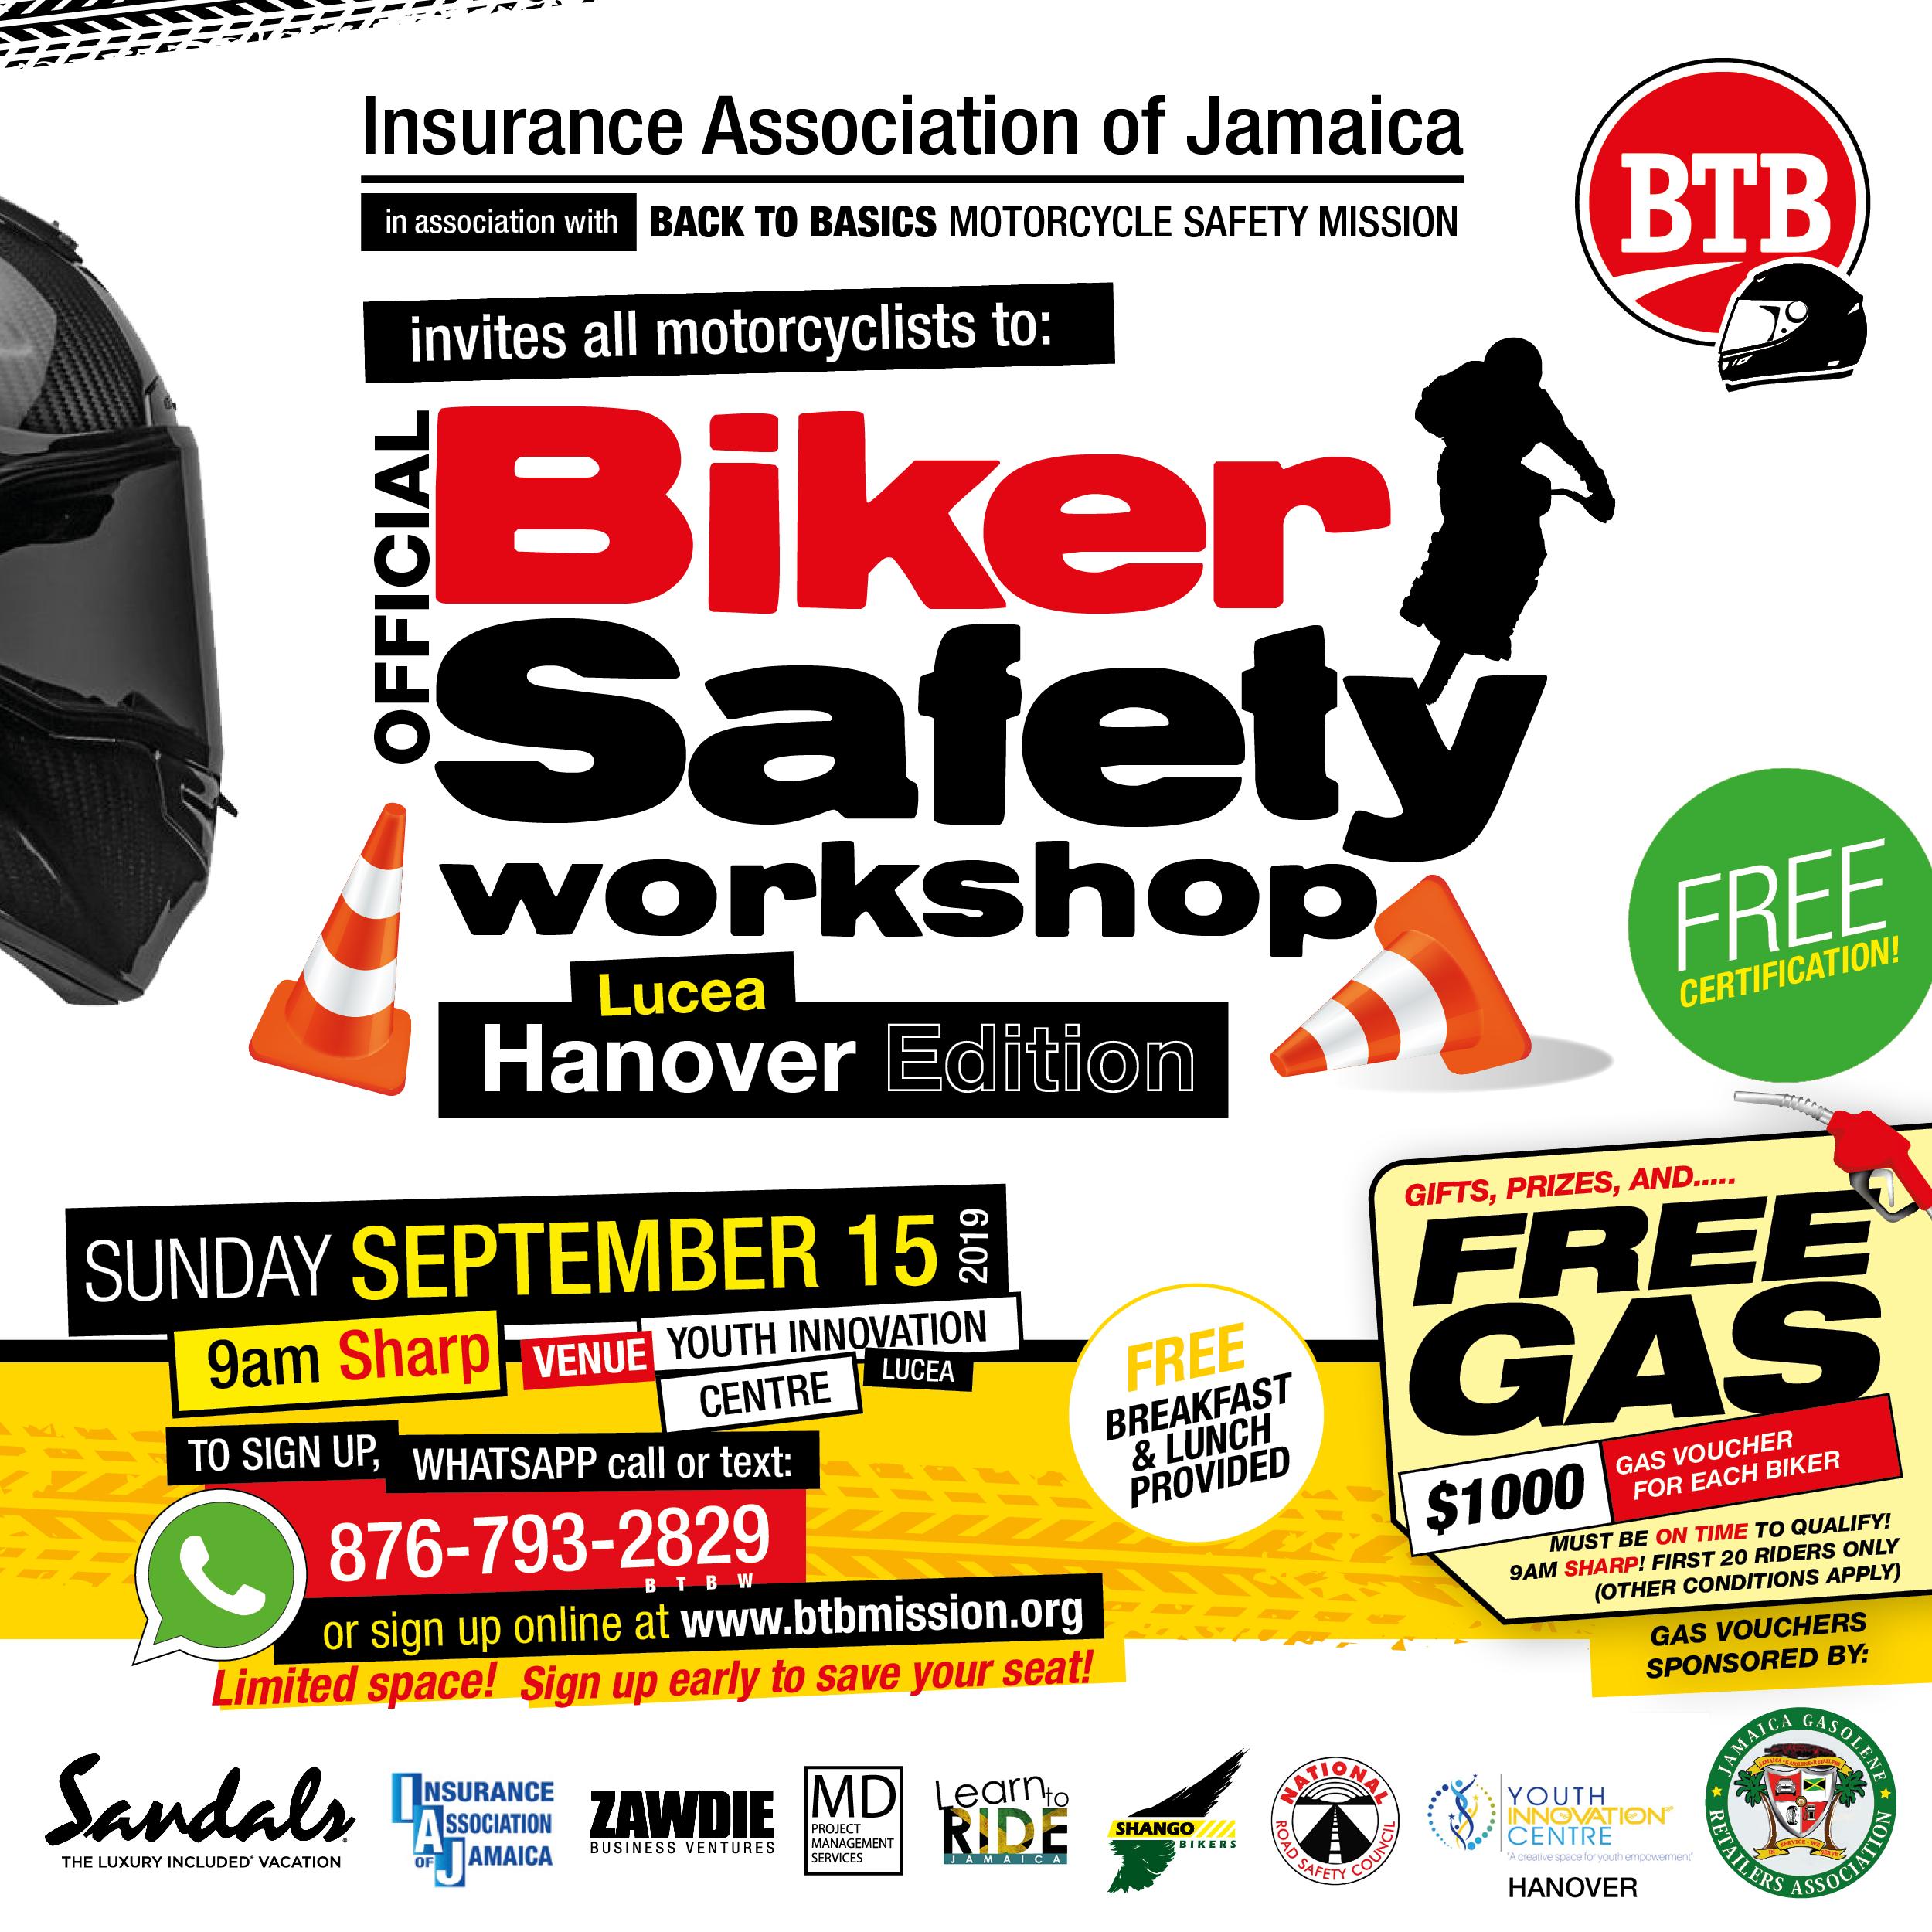 A biker safety workshop flyer